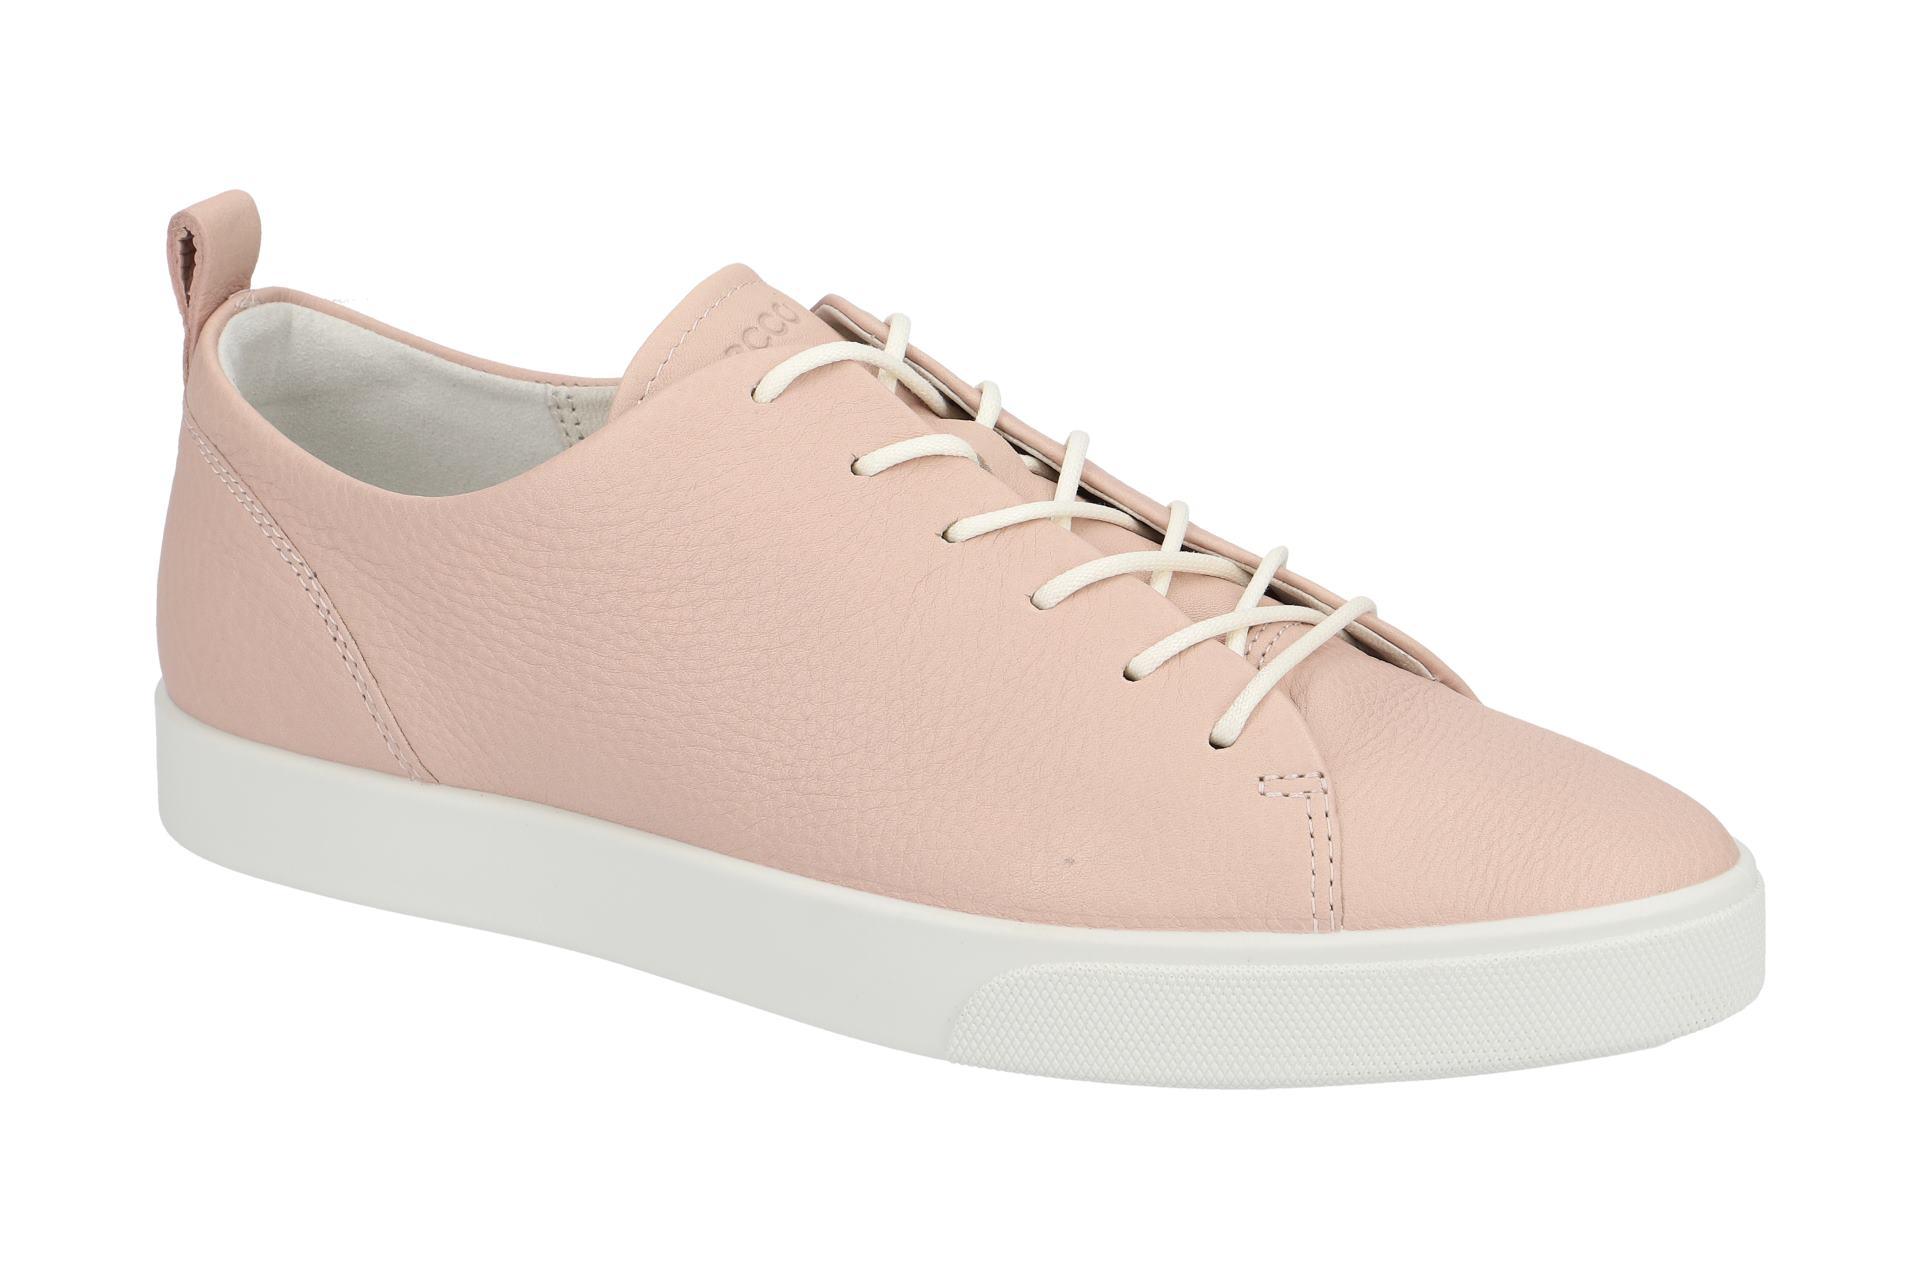 2ea1effbbca5b3 Ecco Schuhe GILLIAN pink Damenschuhe bequeme Schnür-Halbschuhe 28555301118  NEU